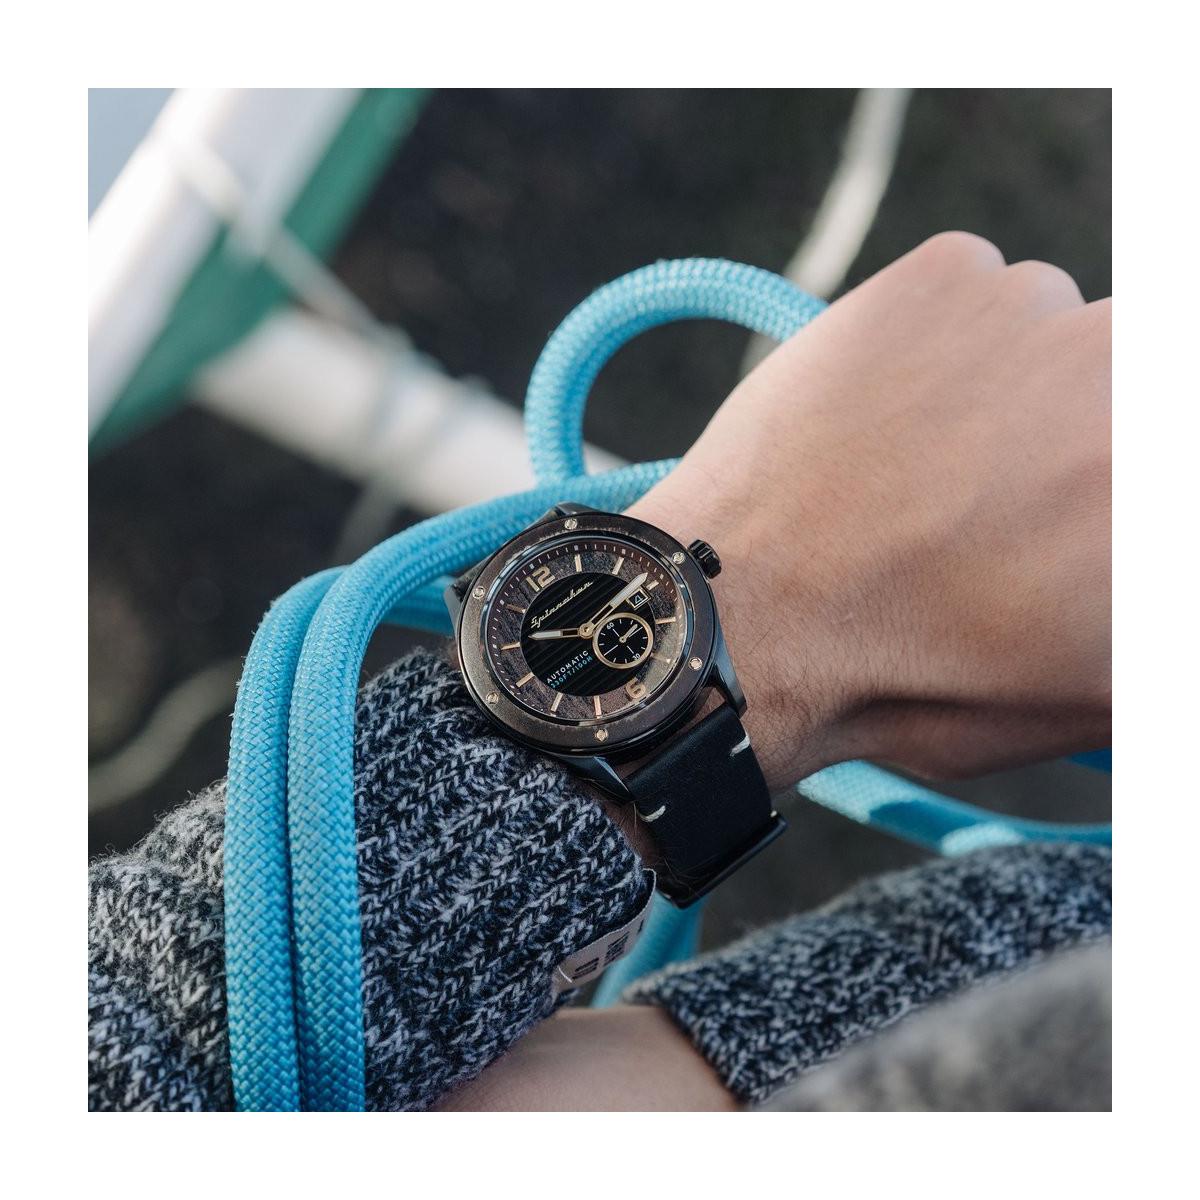 Montre Spinnaker Sorrento  Automatique Cadran noir - SP-5067-03